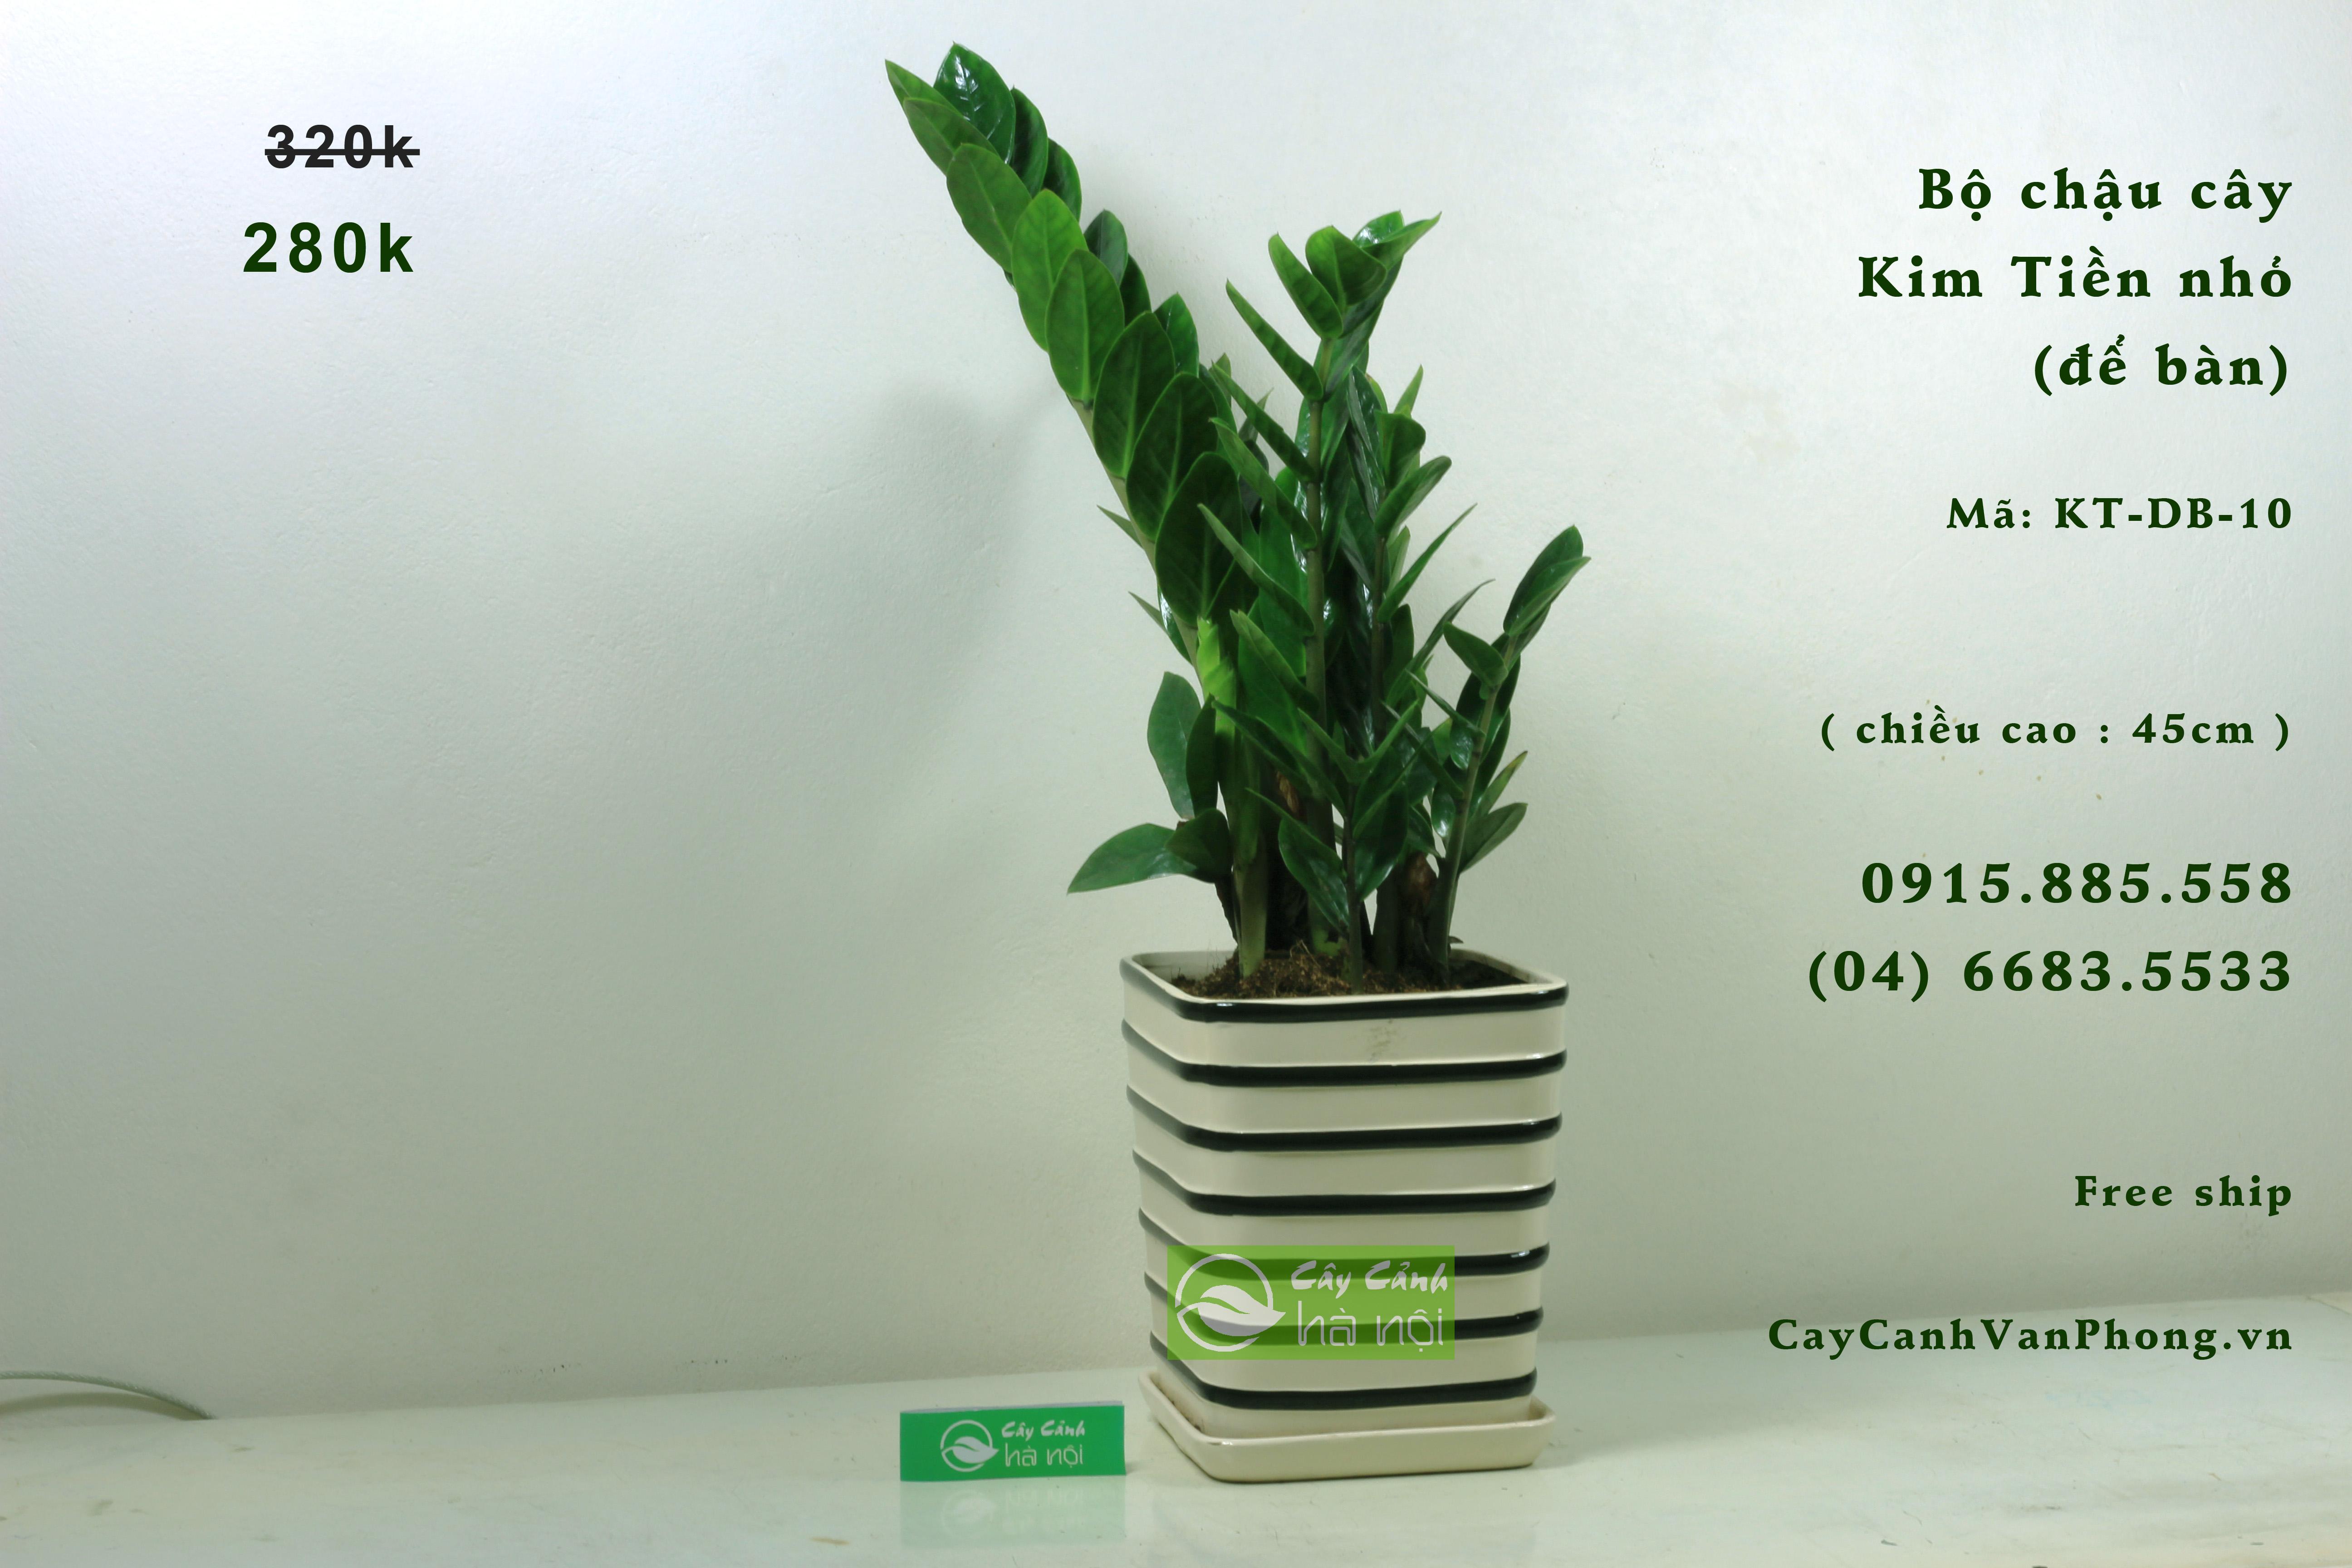 Kim Phát Tài là loại cây dễ chăm sóc, dễ lớn, không yêu cầu cao về điều kiện dinh dưỡng.